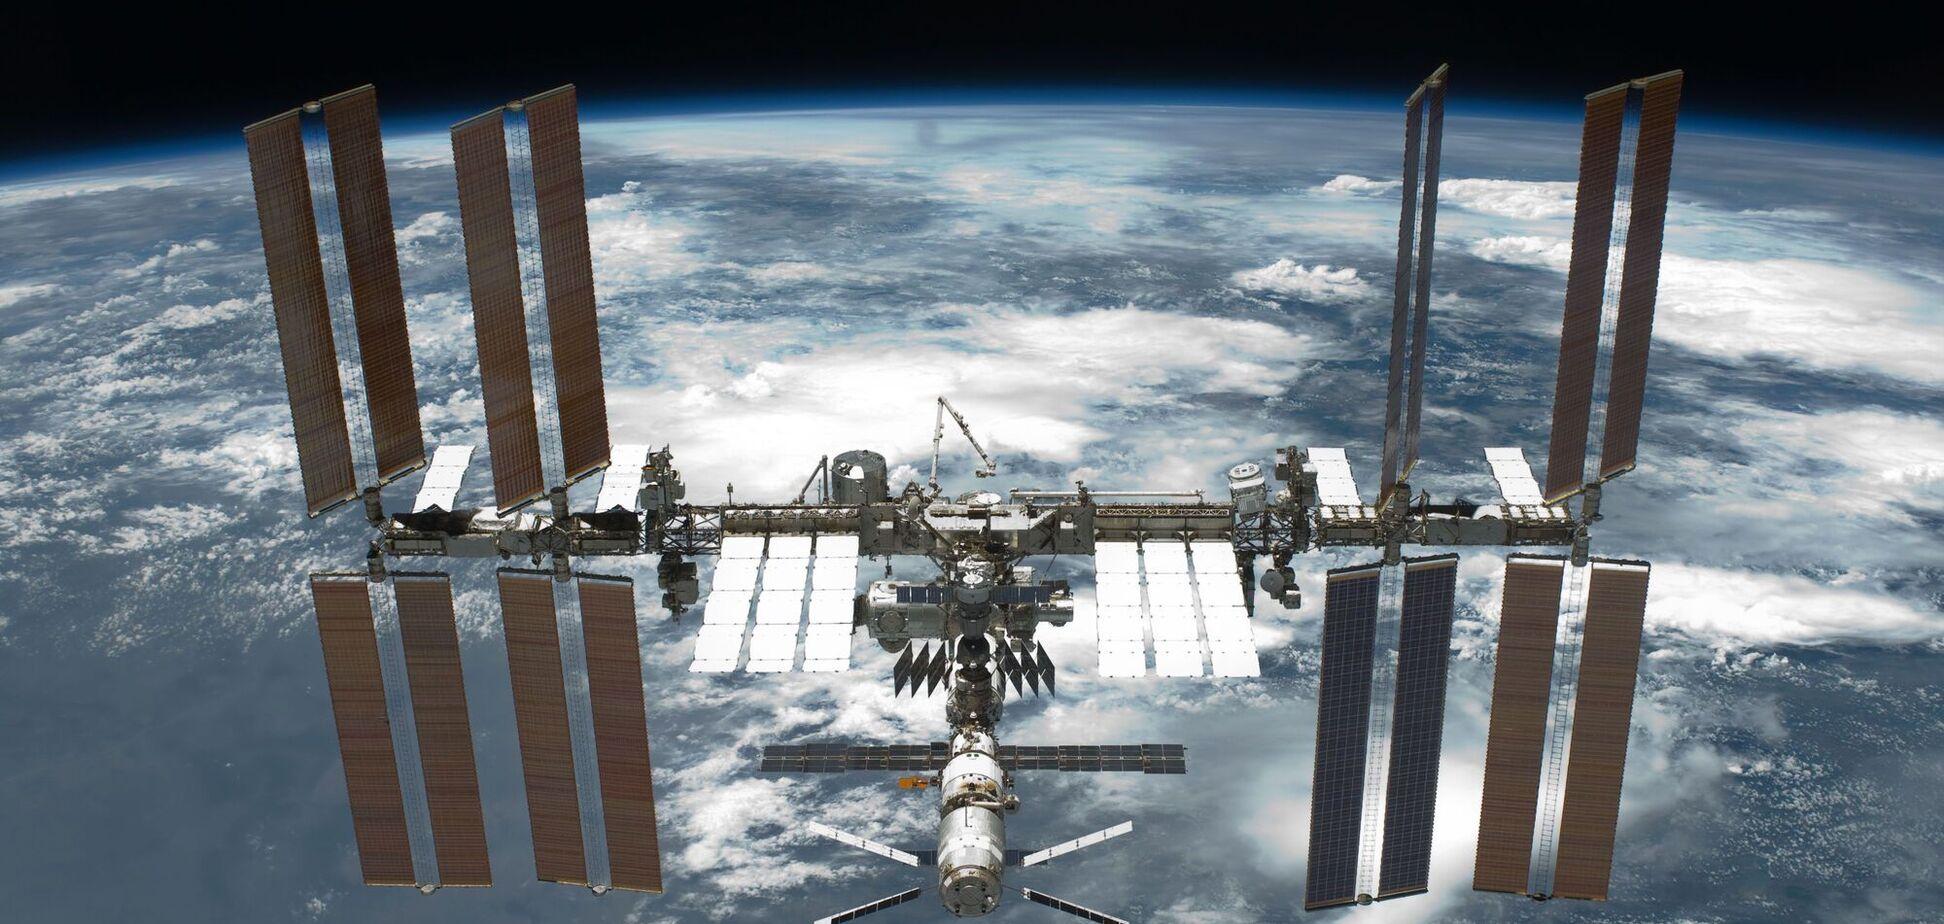 Международная космическая станция эксплуатируется с конца 1998 года